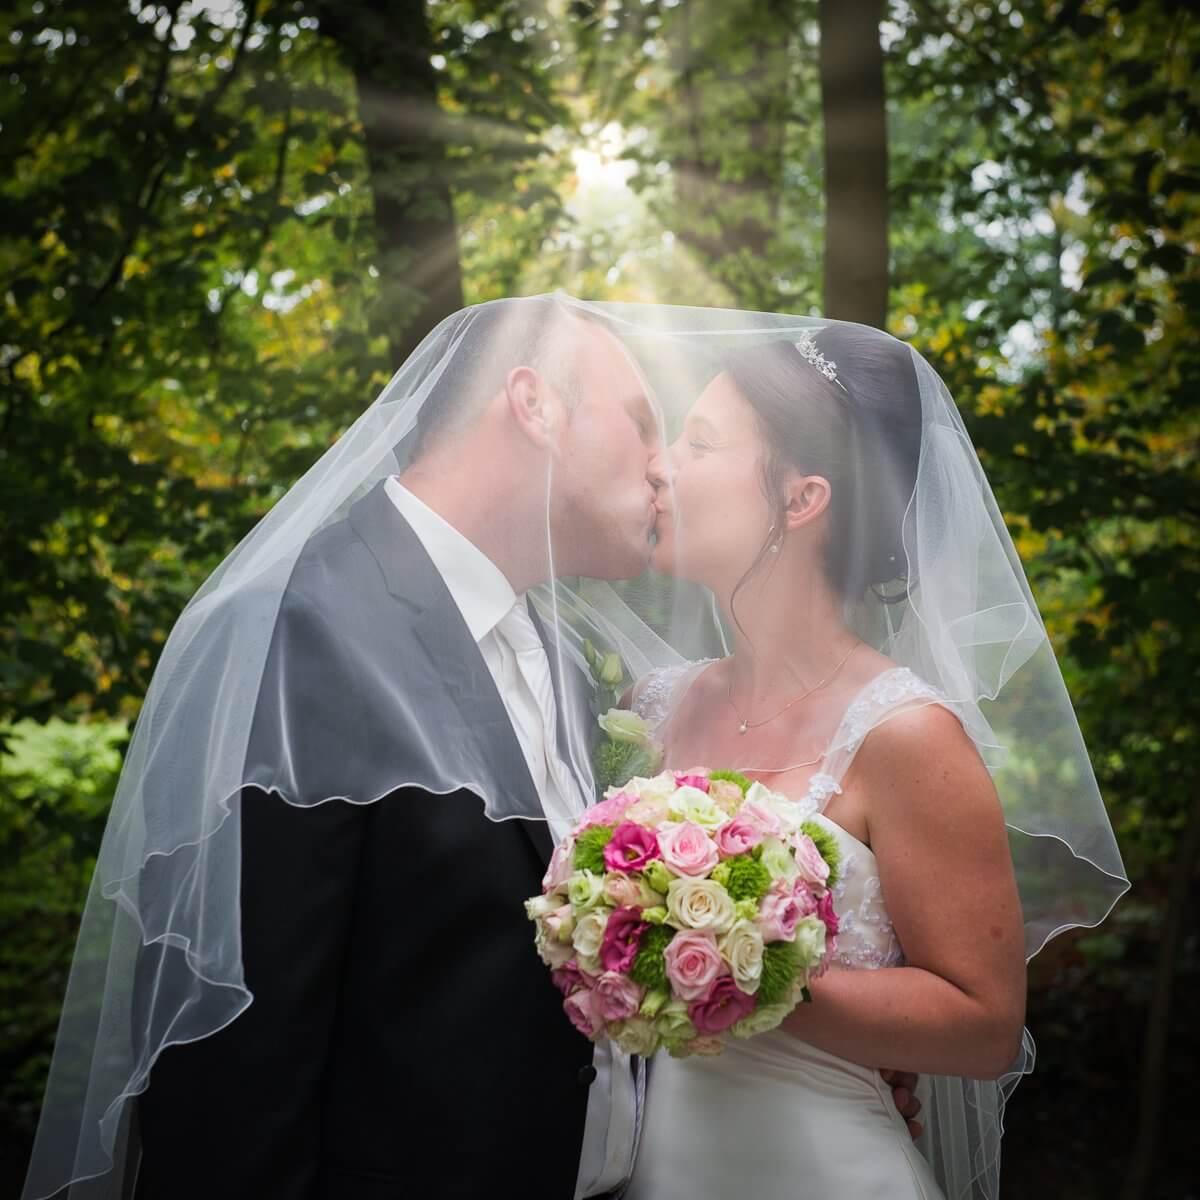 https://www.henrysphotodesign.nl/wp-content/uploads/2021/01/wedding.jpg